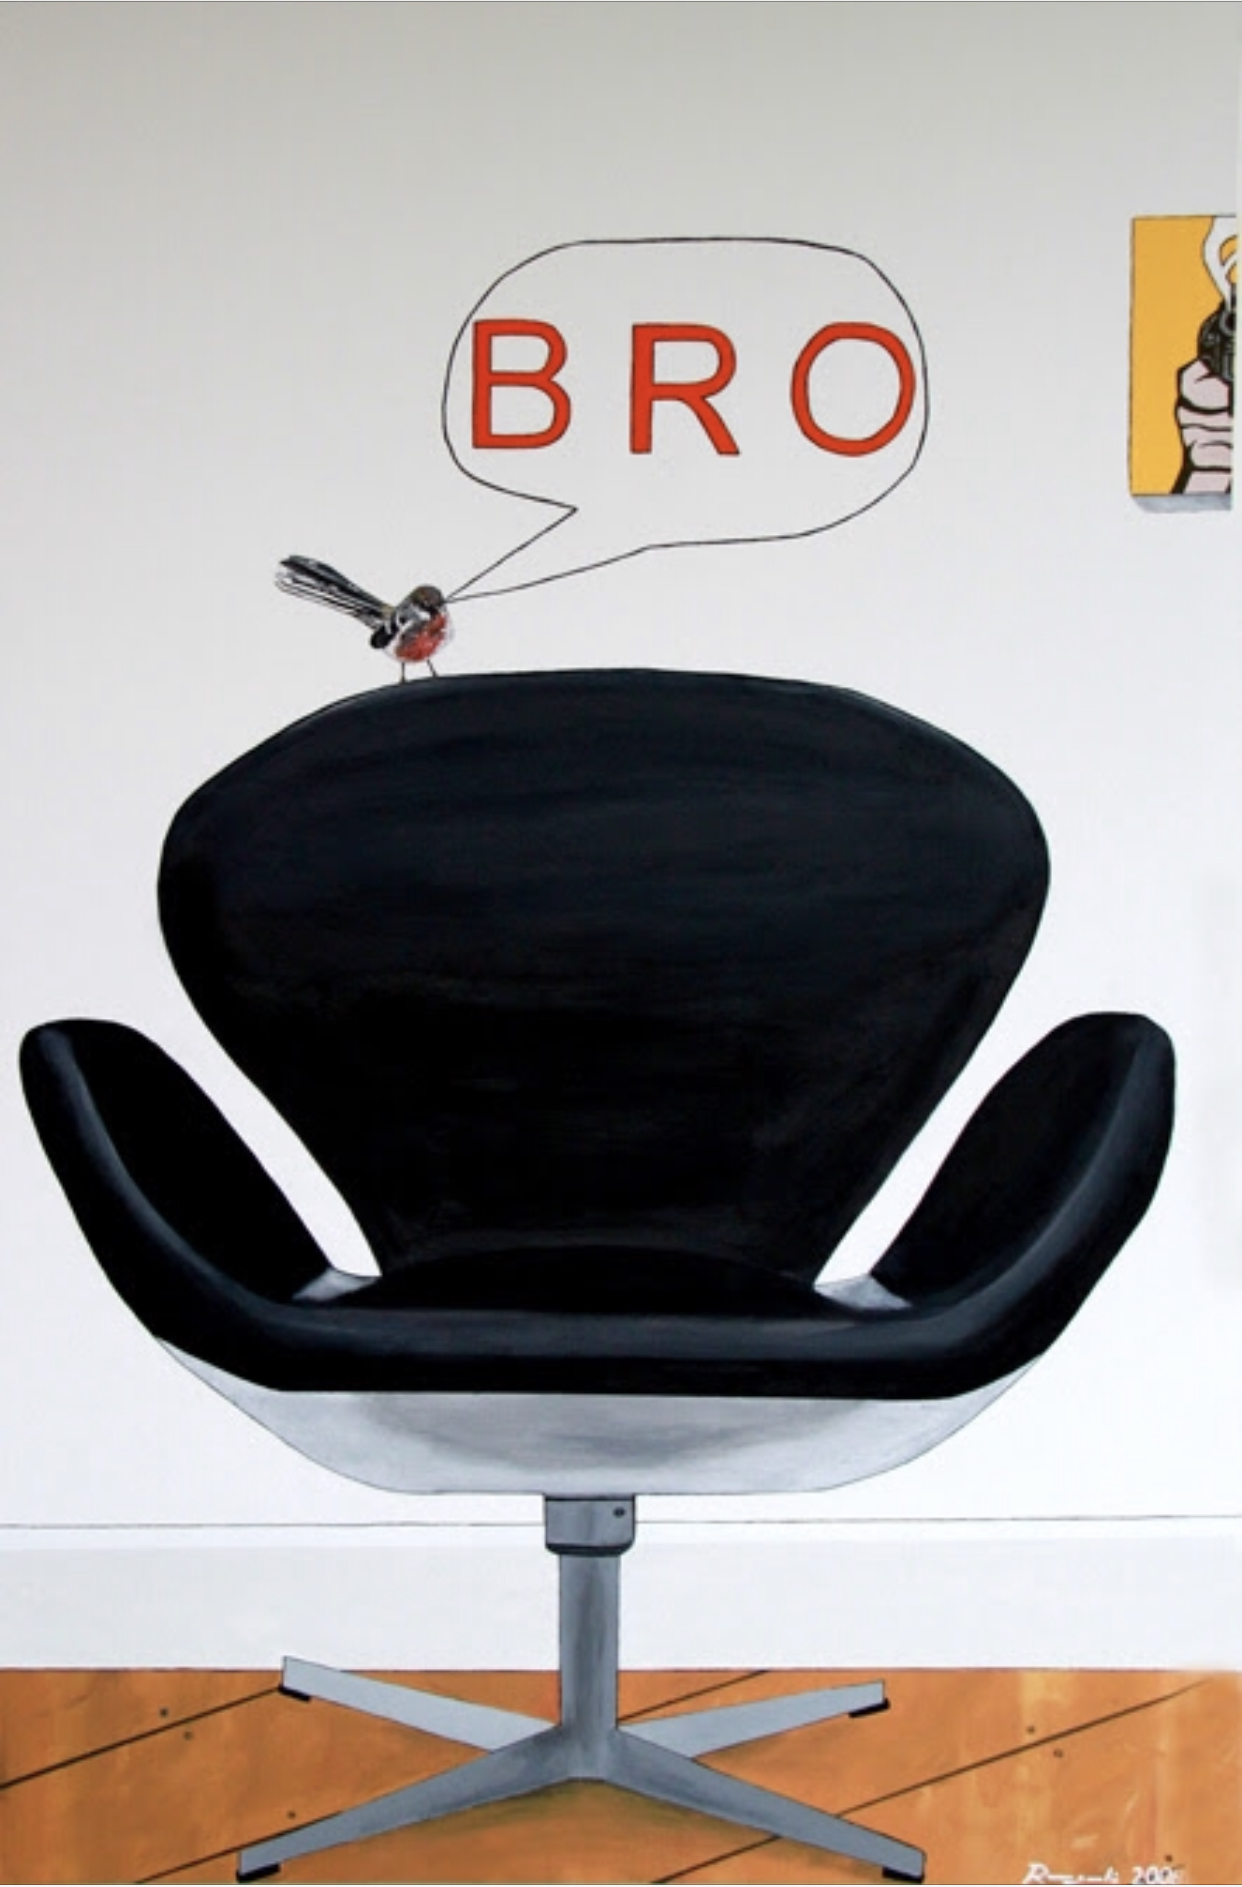 Chair (chur) bro